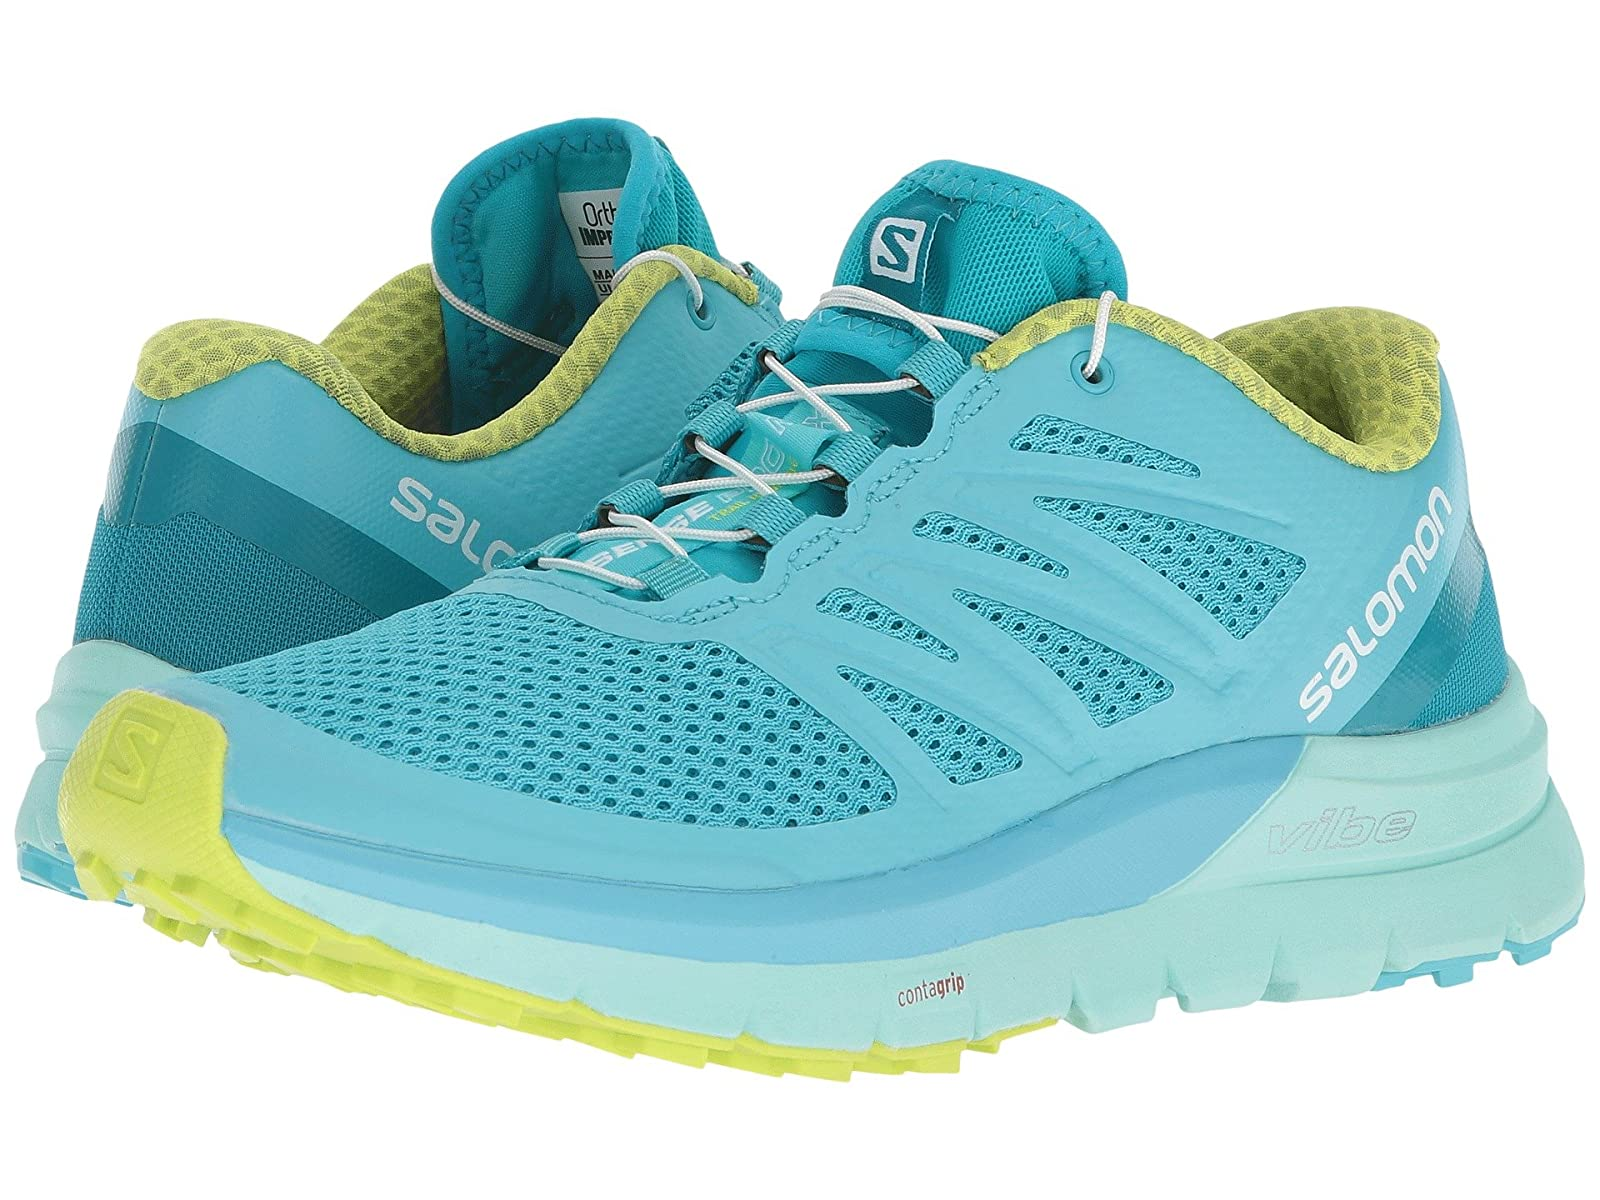 Salomon Sense Pro MaxAtmospheric grades have affordable shoes